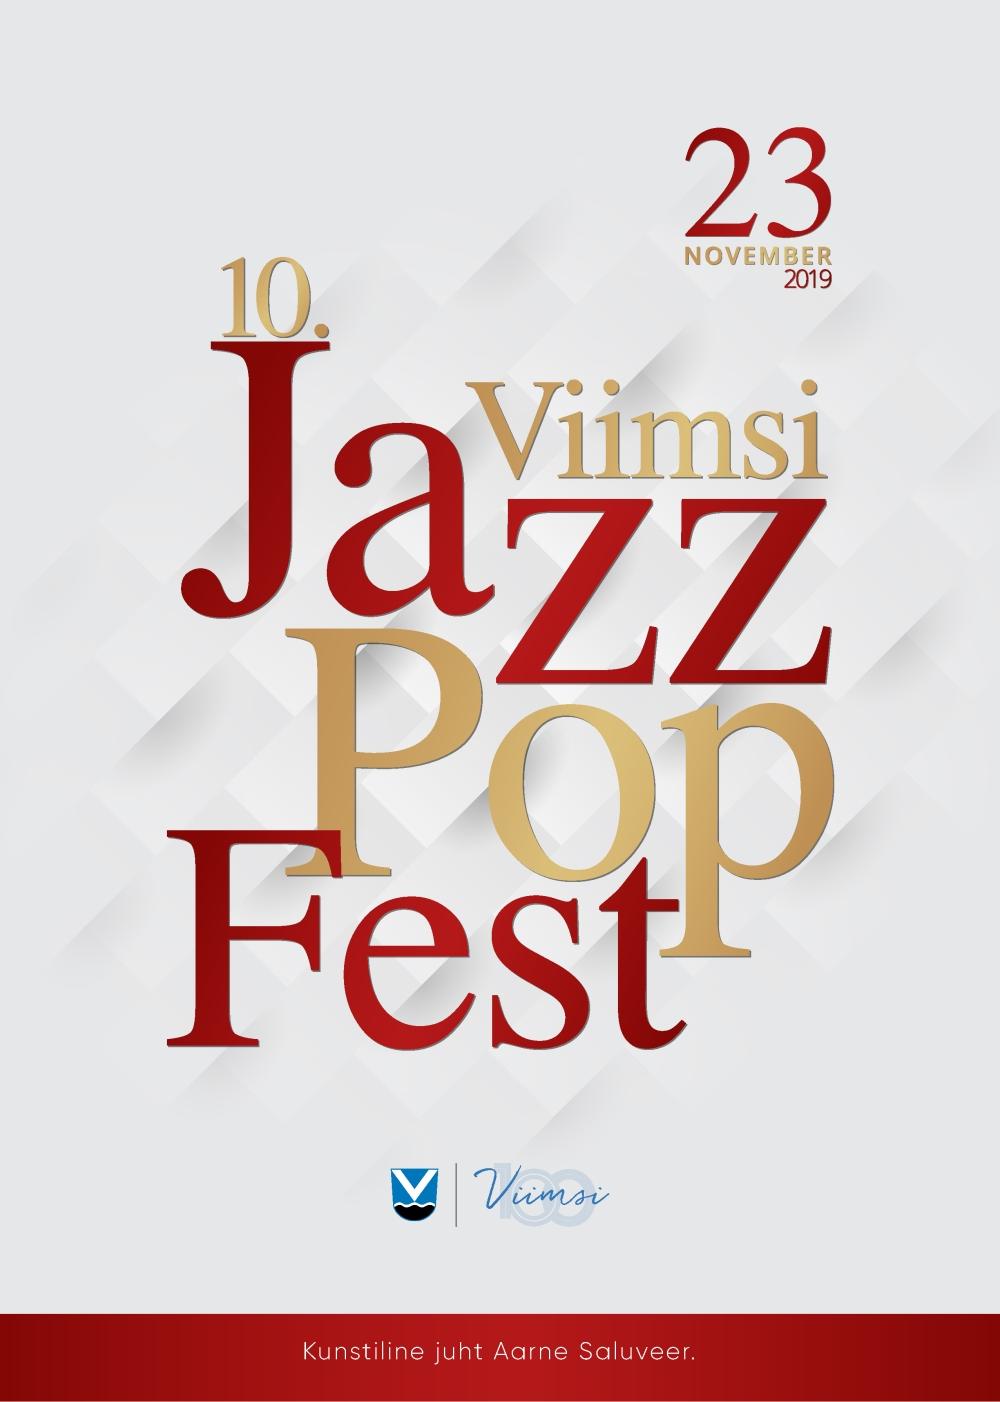 Viimis_Jazz-01